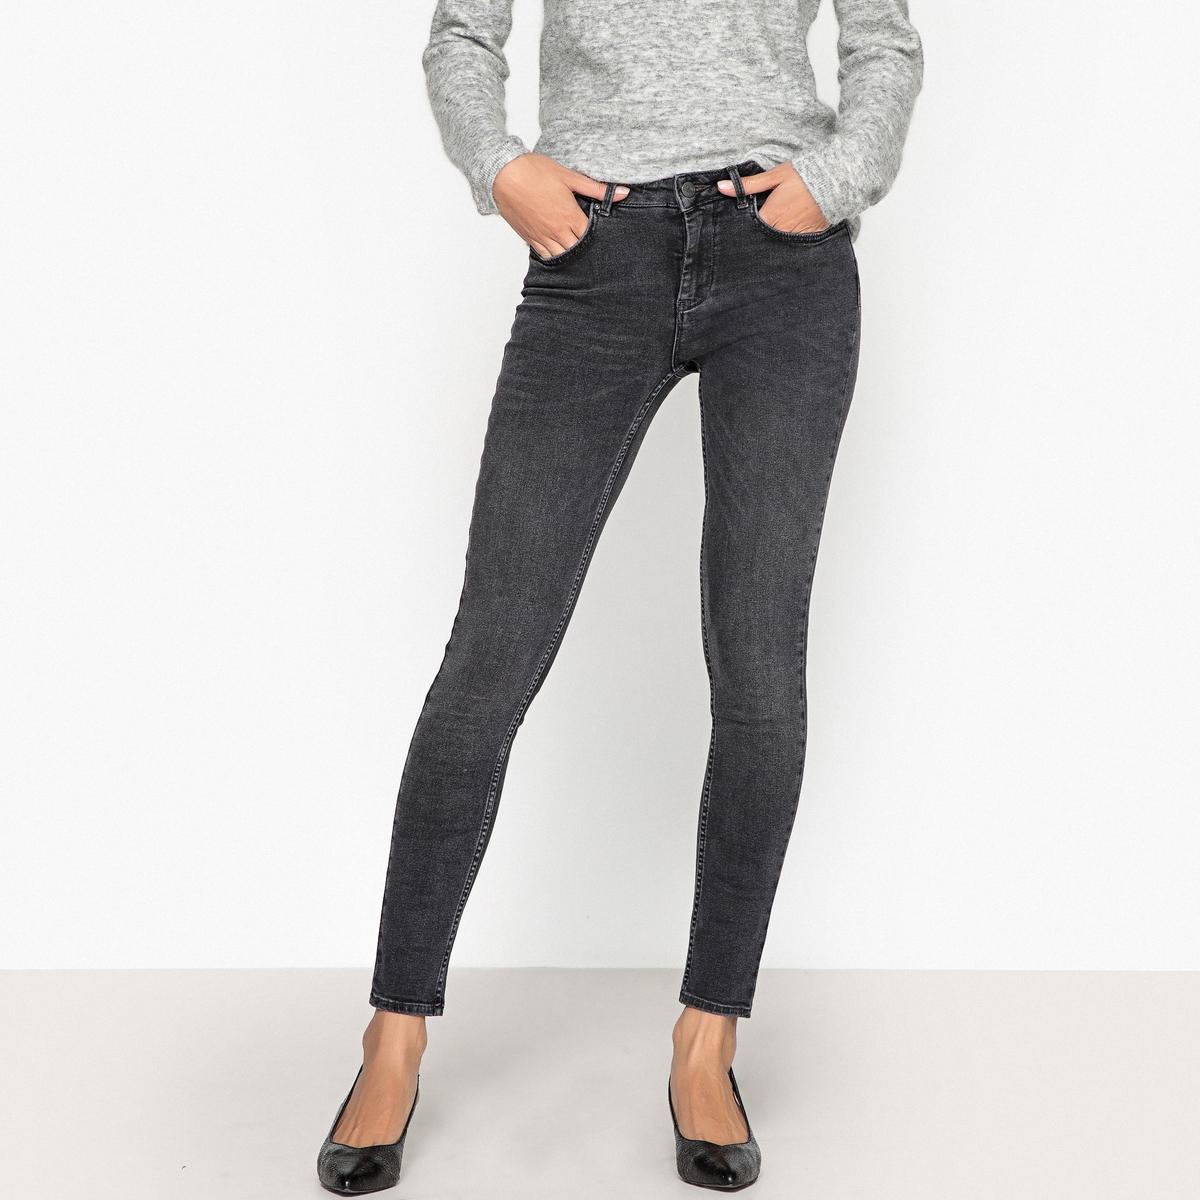 Джинсы скинни NELLY джинсы скинни 73 см